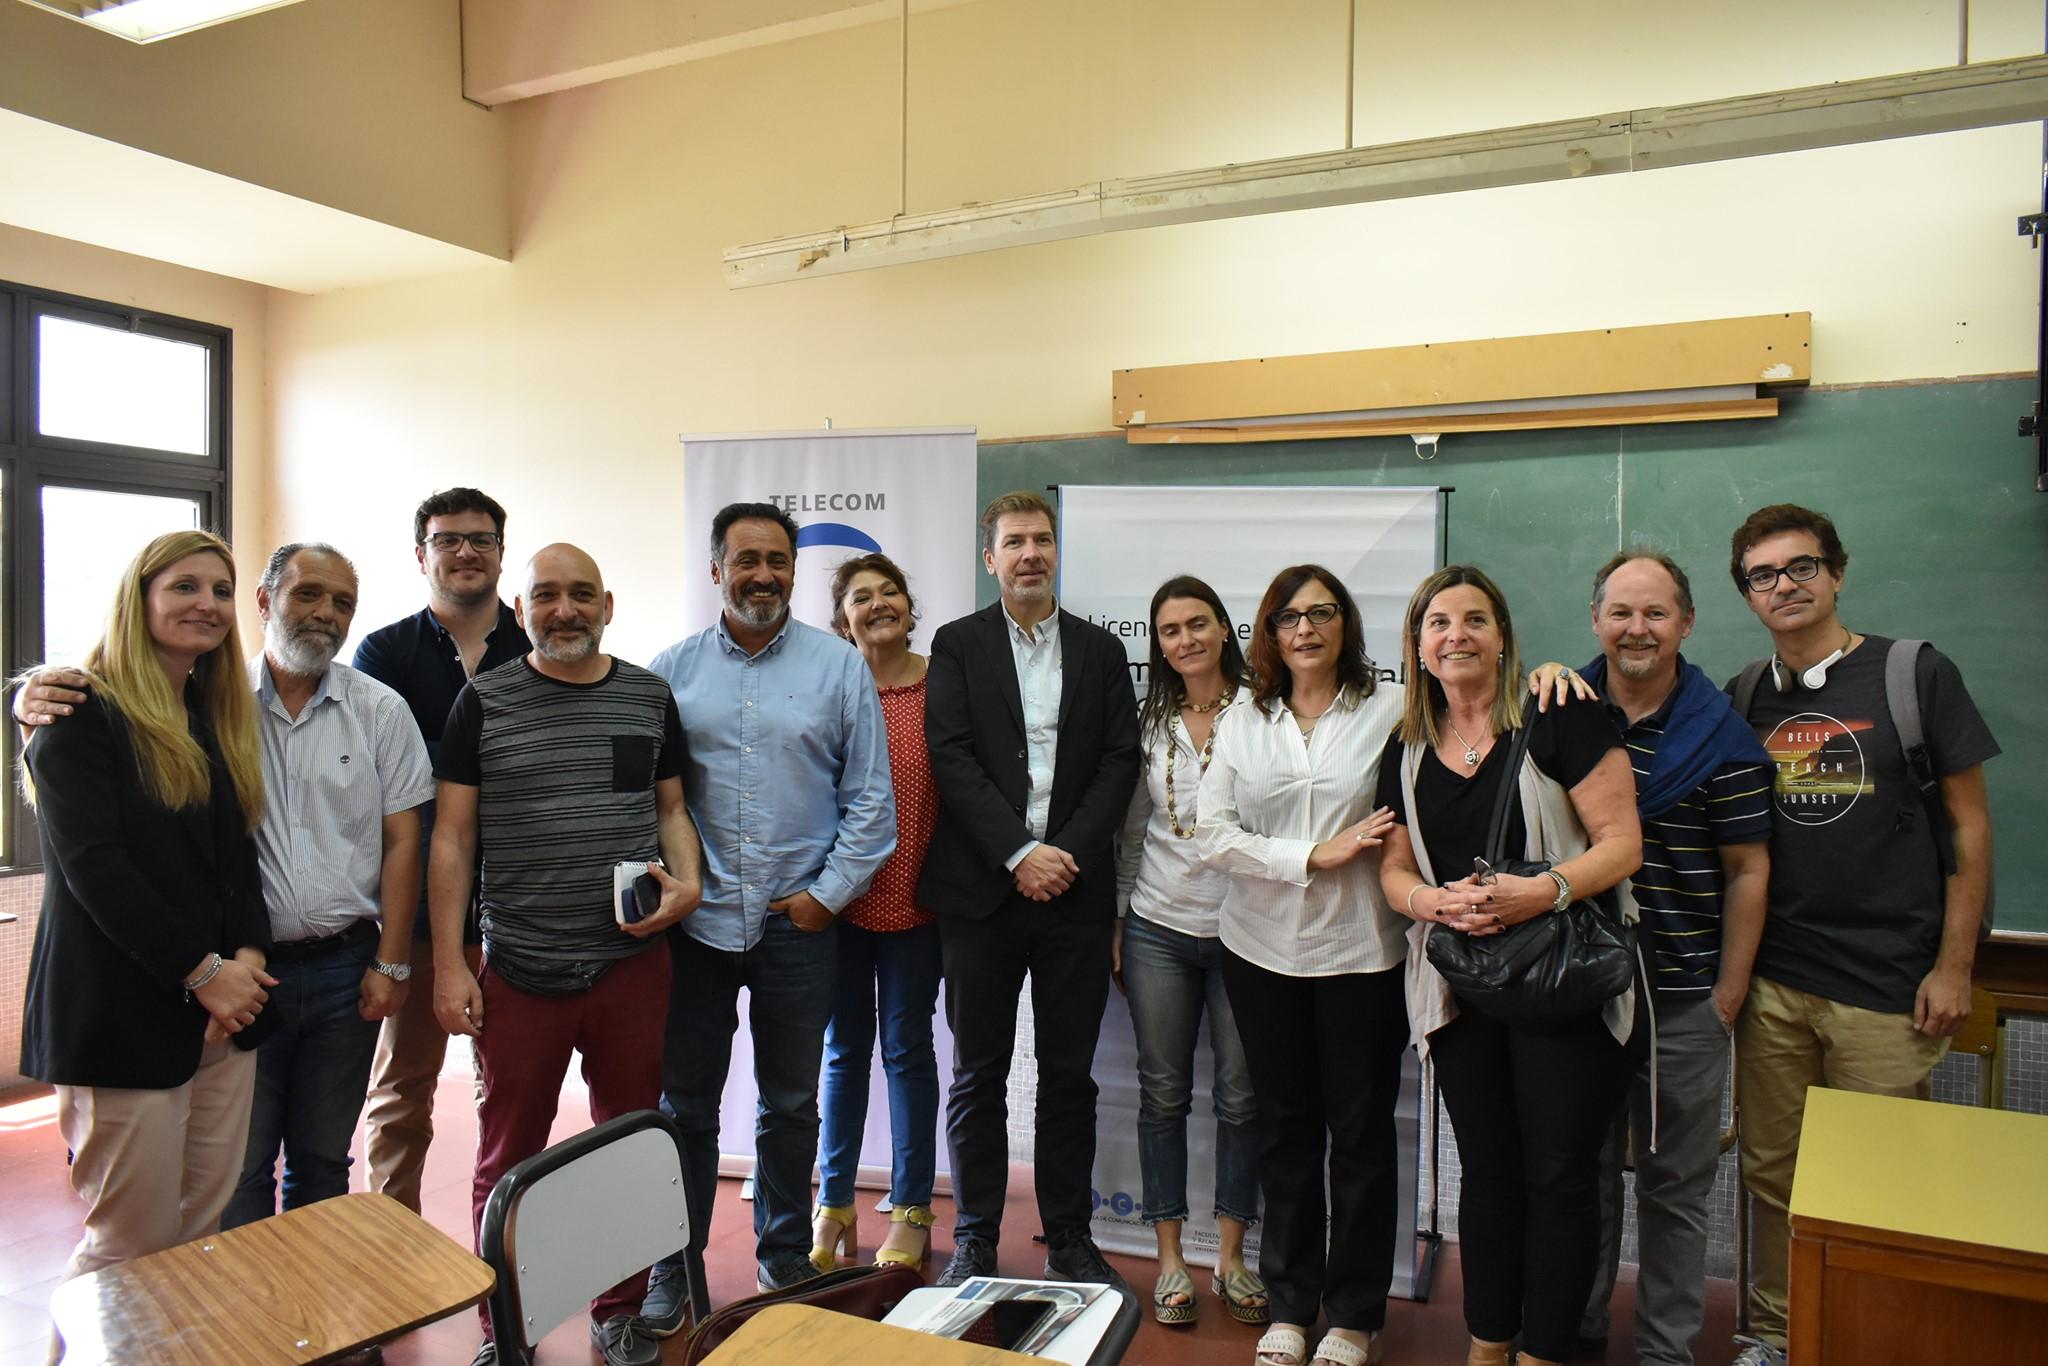 Jornada de innovación, tecnología y periodismo con Pepe Cerezo